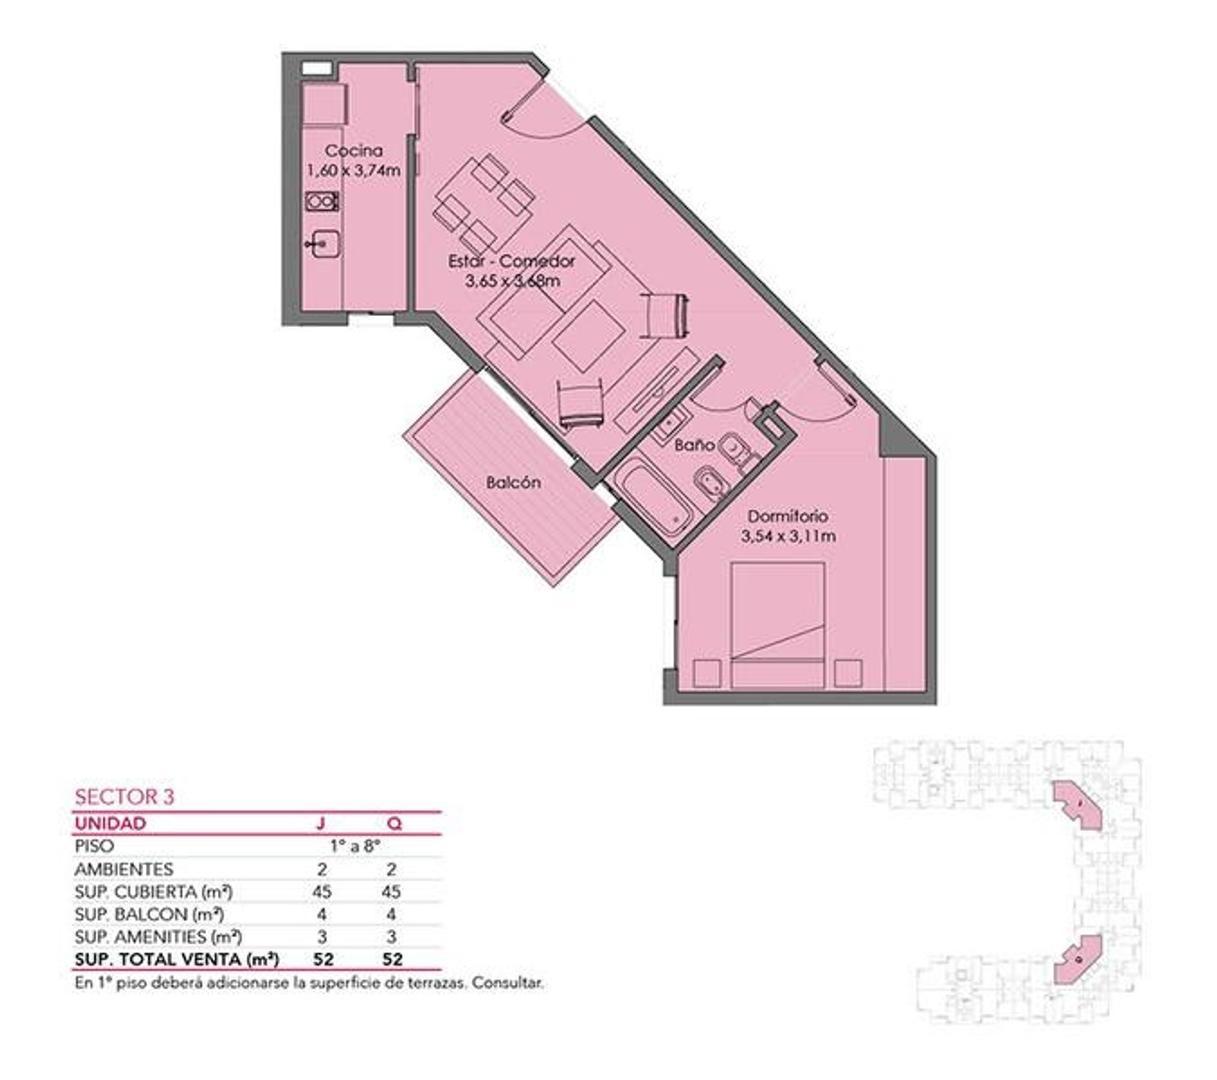 Hermoso departamento de 4 o 5 ambientes en el mejor emprendimiento de Villa del Parque - Foto 26